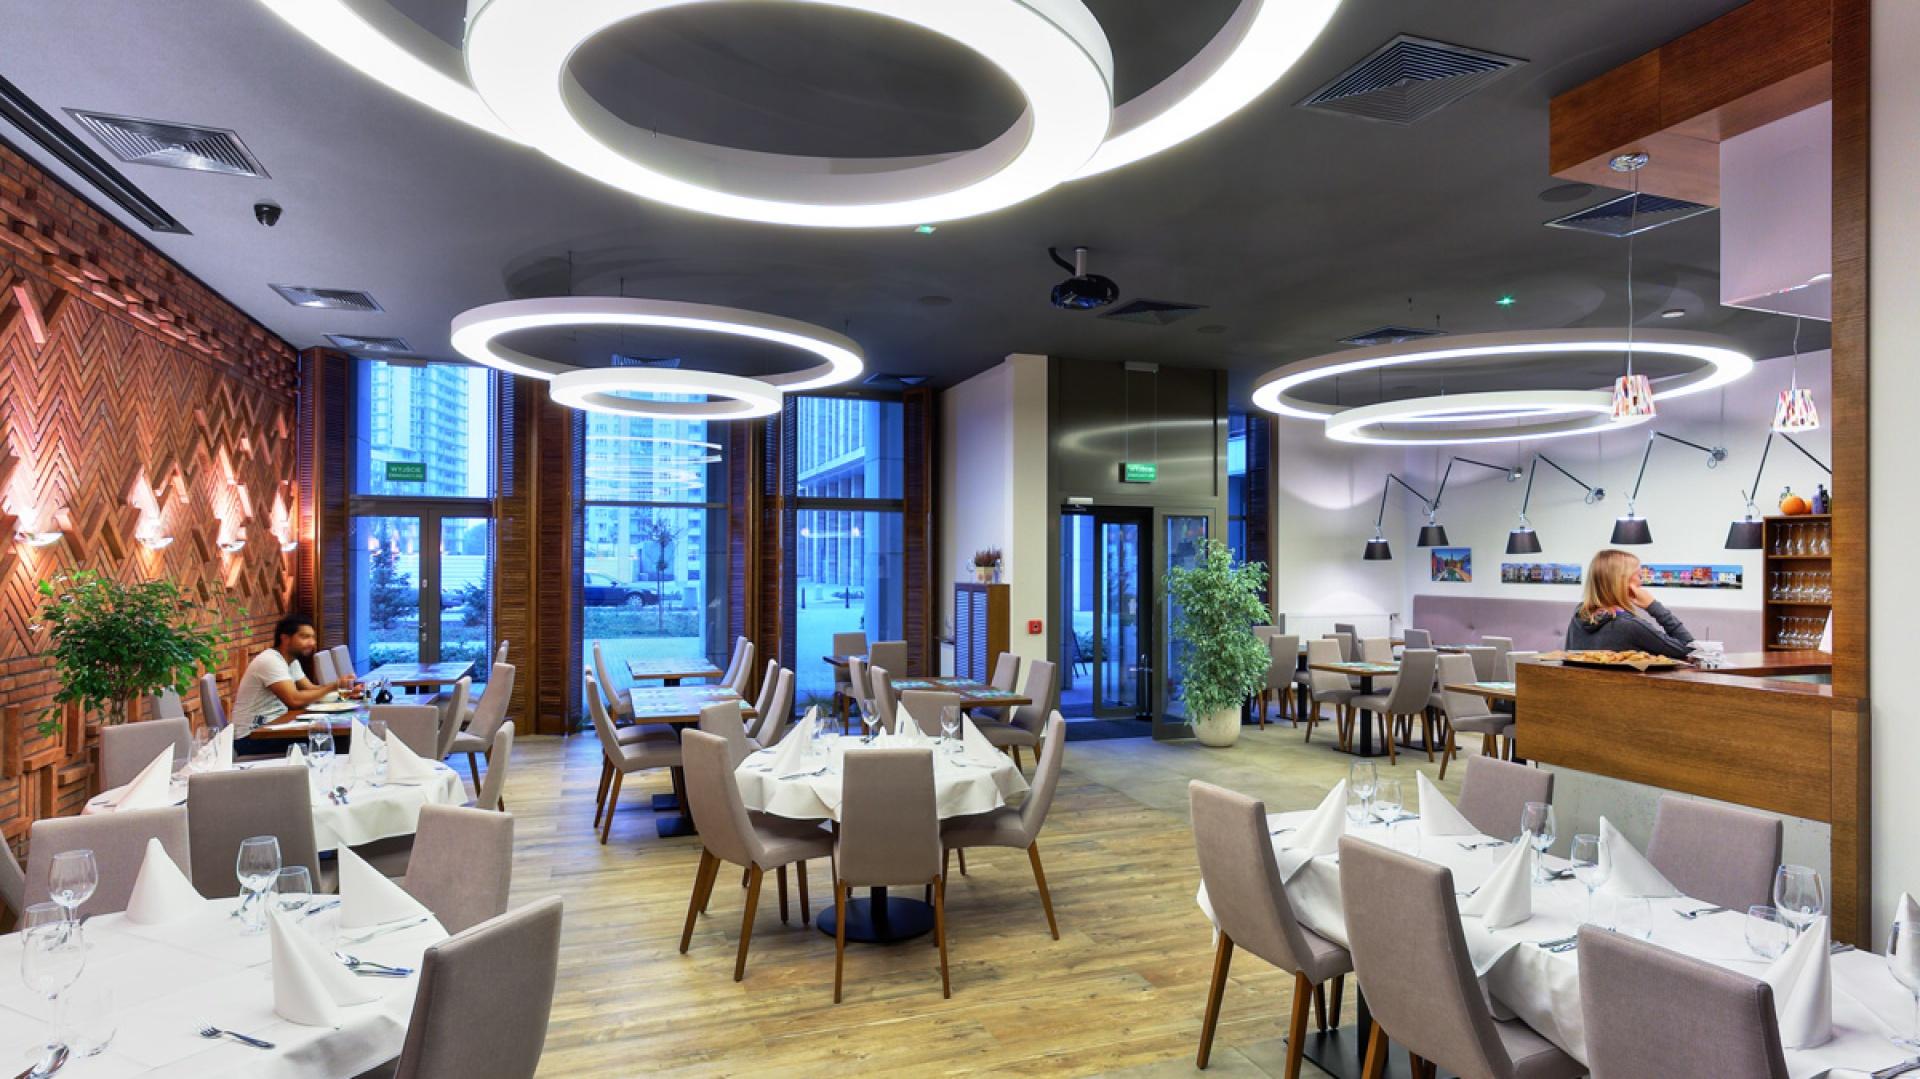 Projektanci bardzo ucieszyli się na zlecenie wykonania włoskiej restauracji ponieważ są fanami Włoch. Fot. Pik Studio